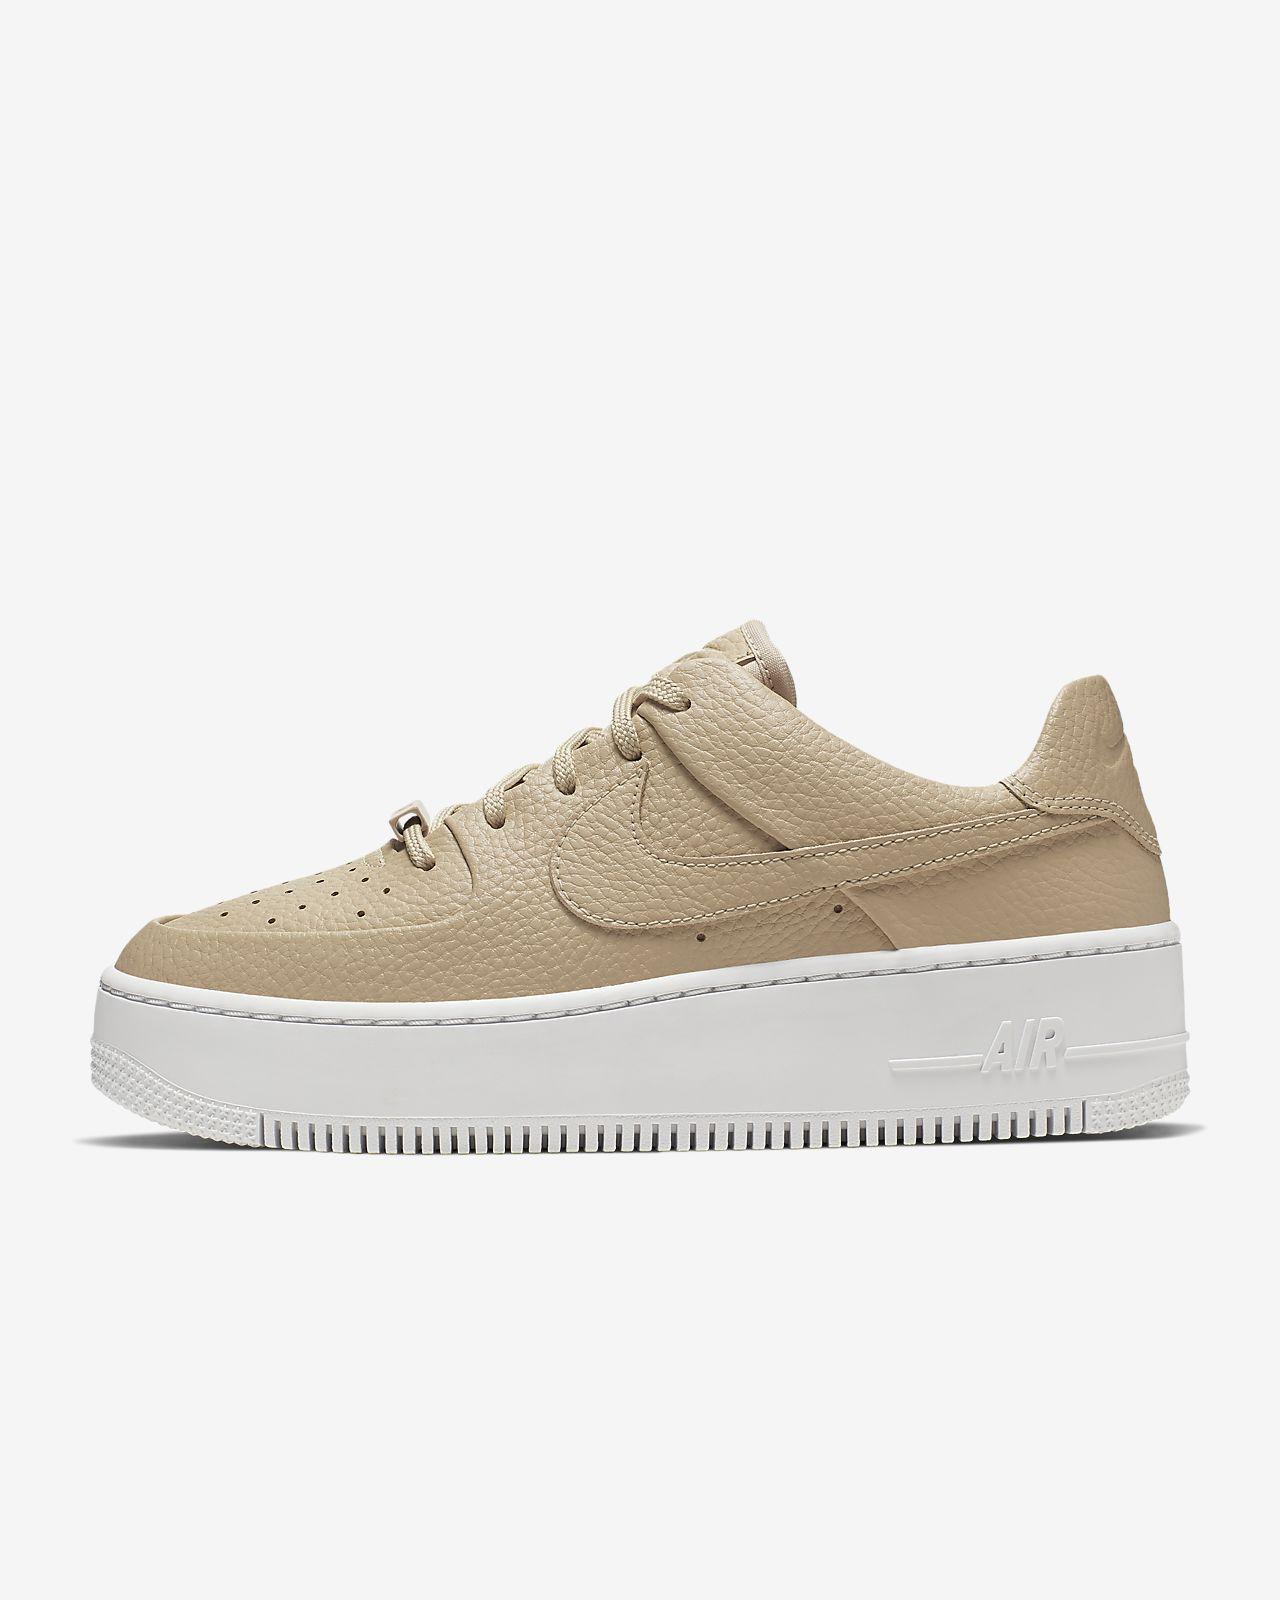 Nike Air Force 1 Sage Low 2 Damenschuh